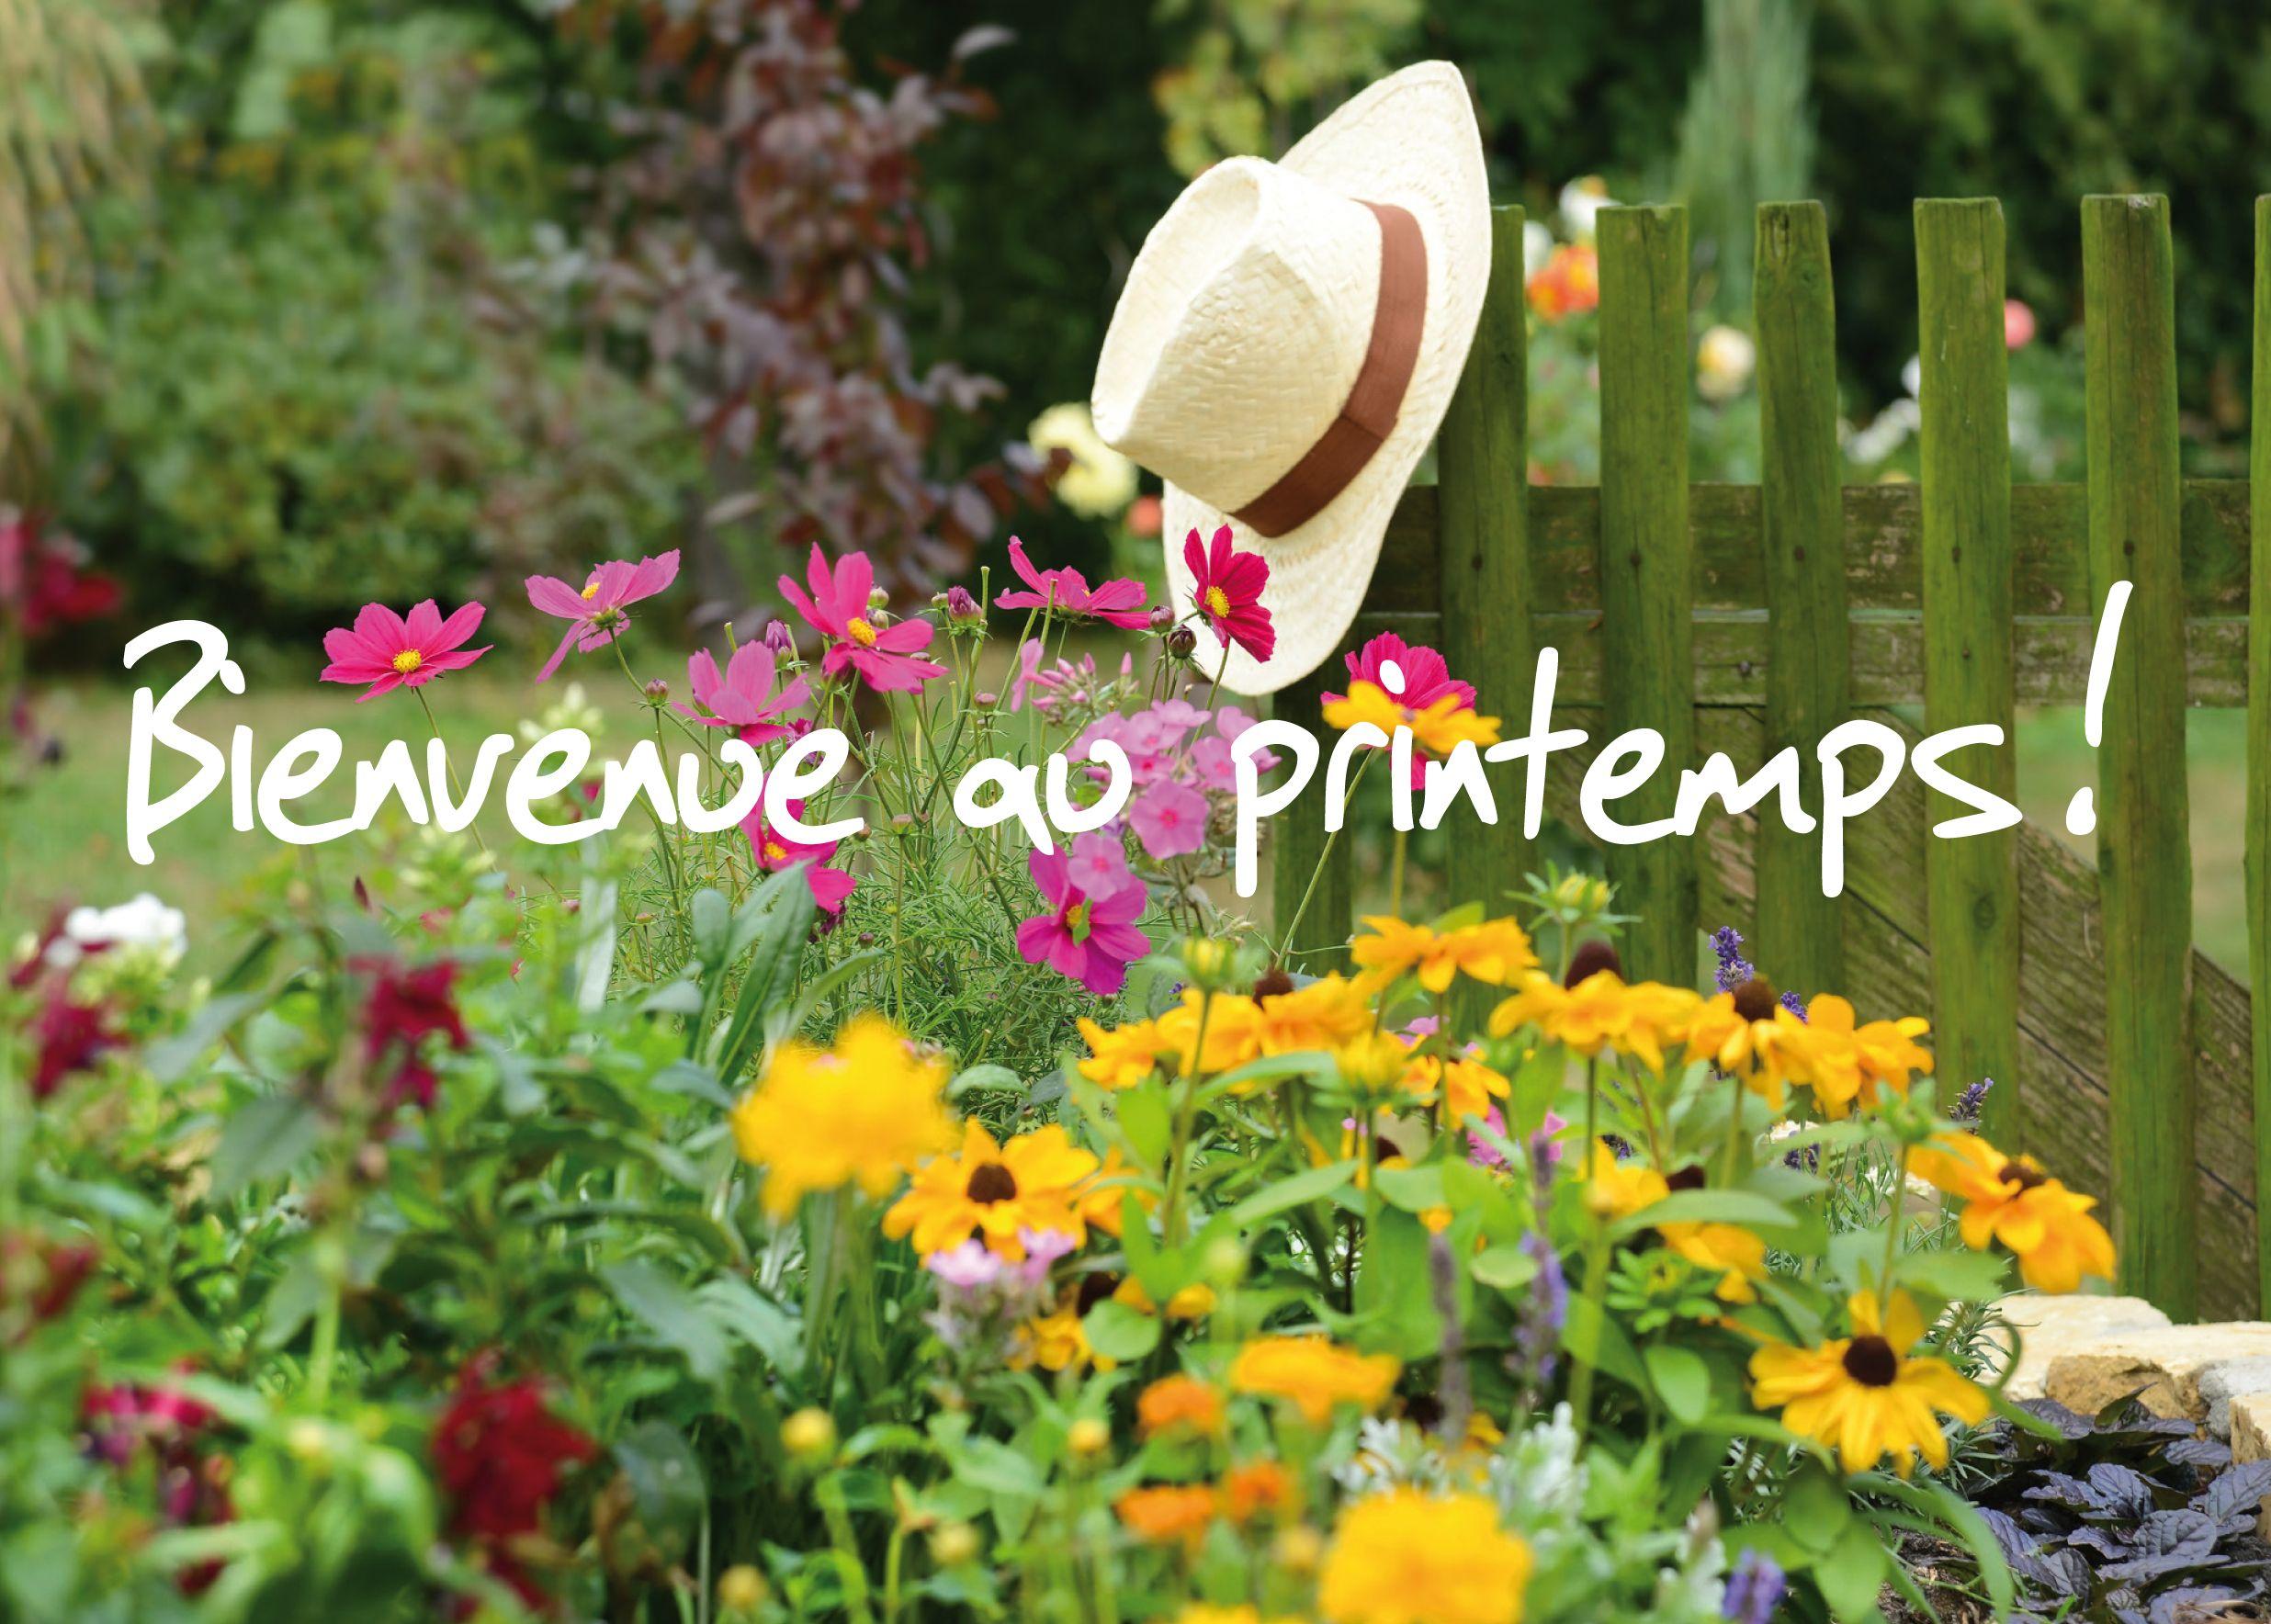 Printemps fleurs et bouquets pinterest recherche for Entretien jardin printemps